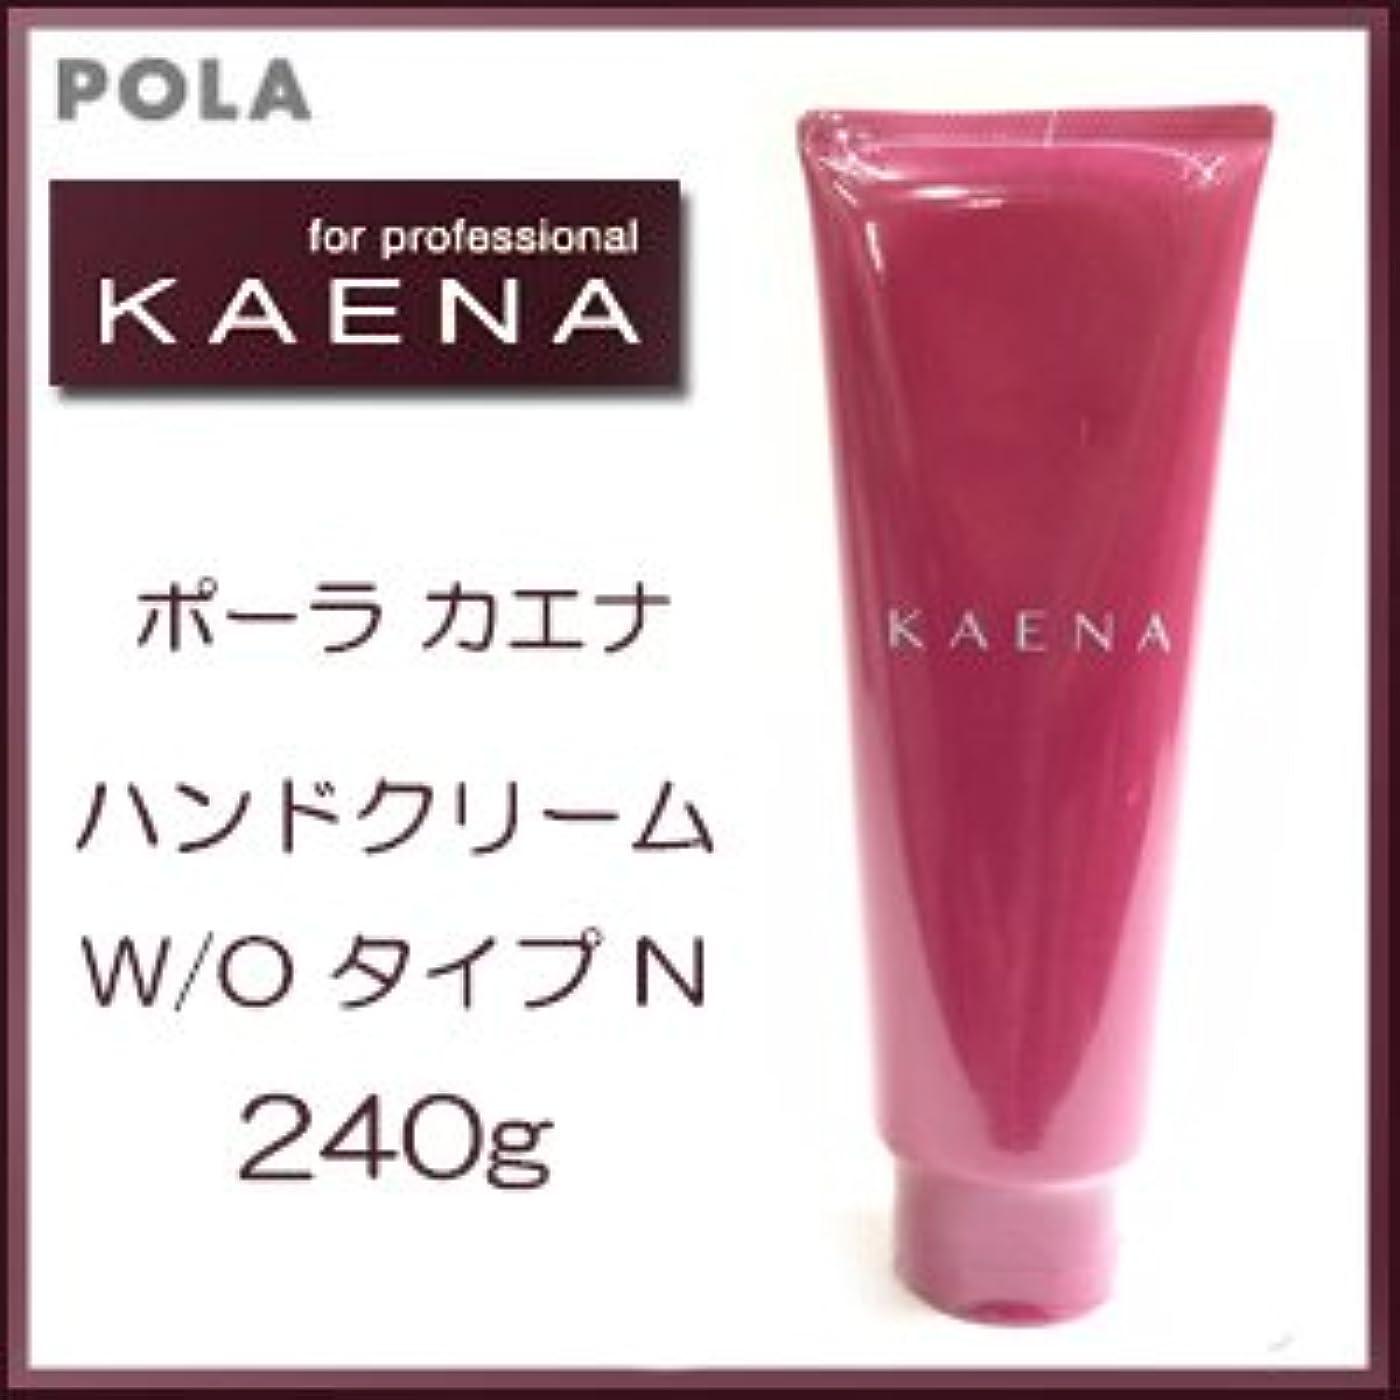 観察する木製光沢【X2個セット】 ポーラ カエナ ハンドクリーム W/O タイプ 240g POLA KAENA アウトバスシリーズ